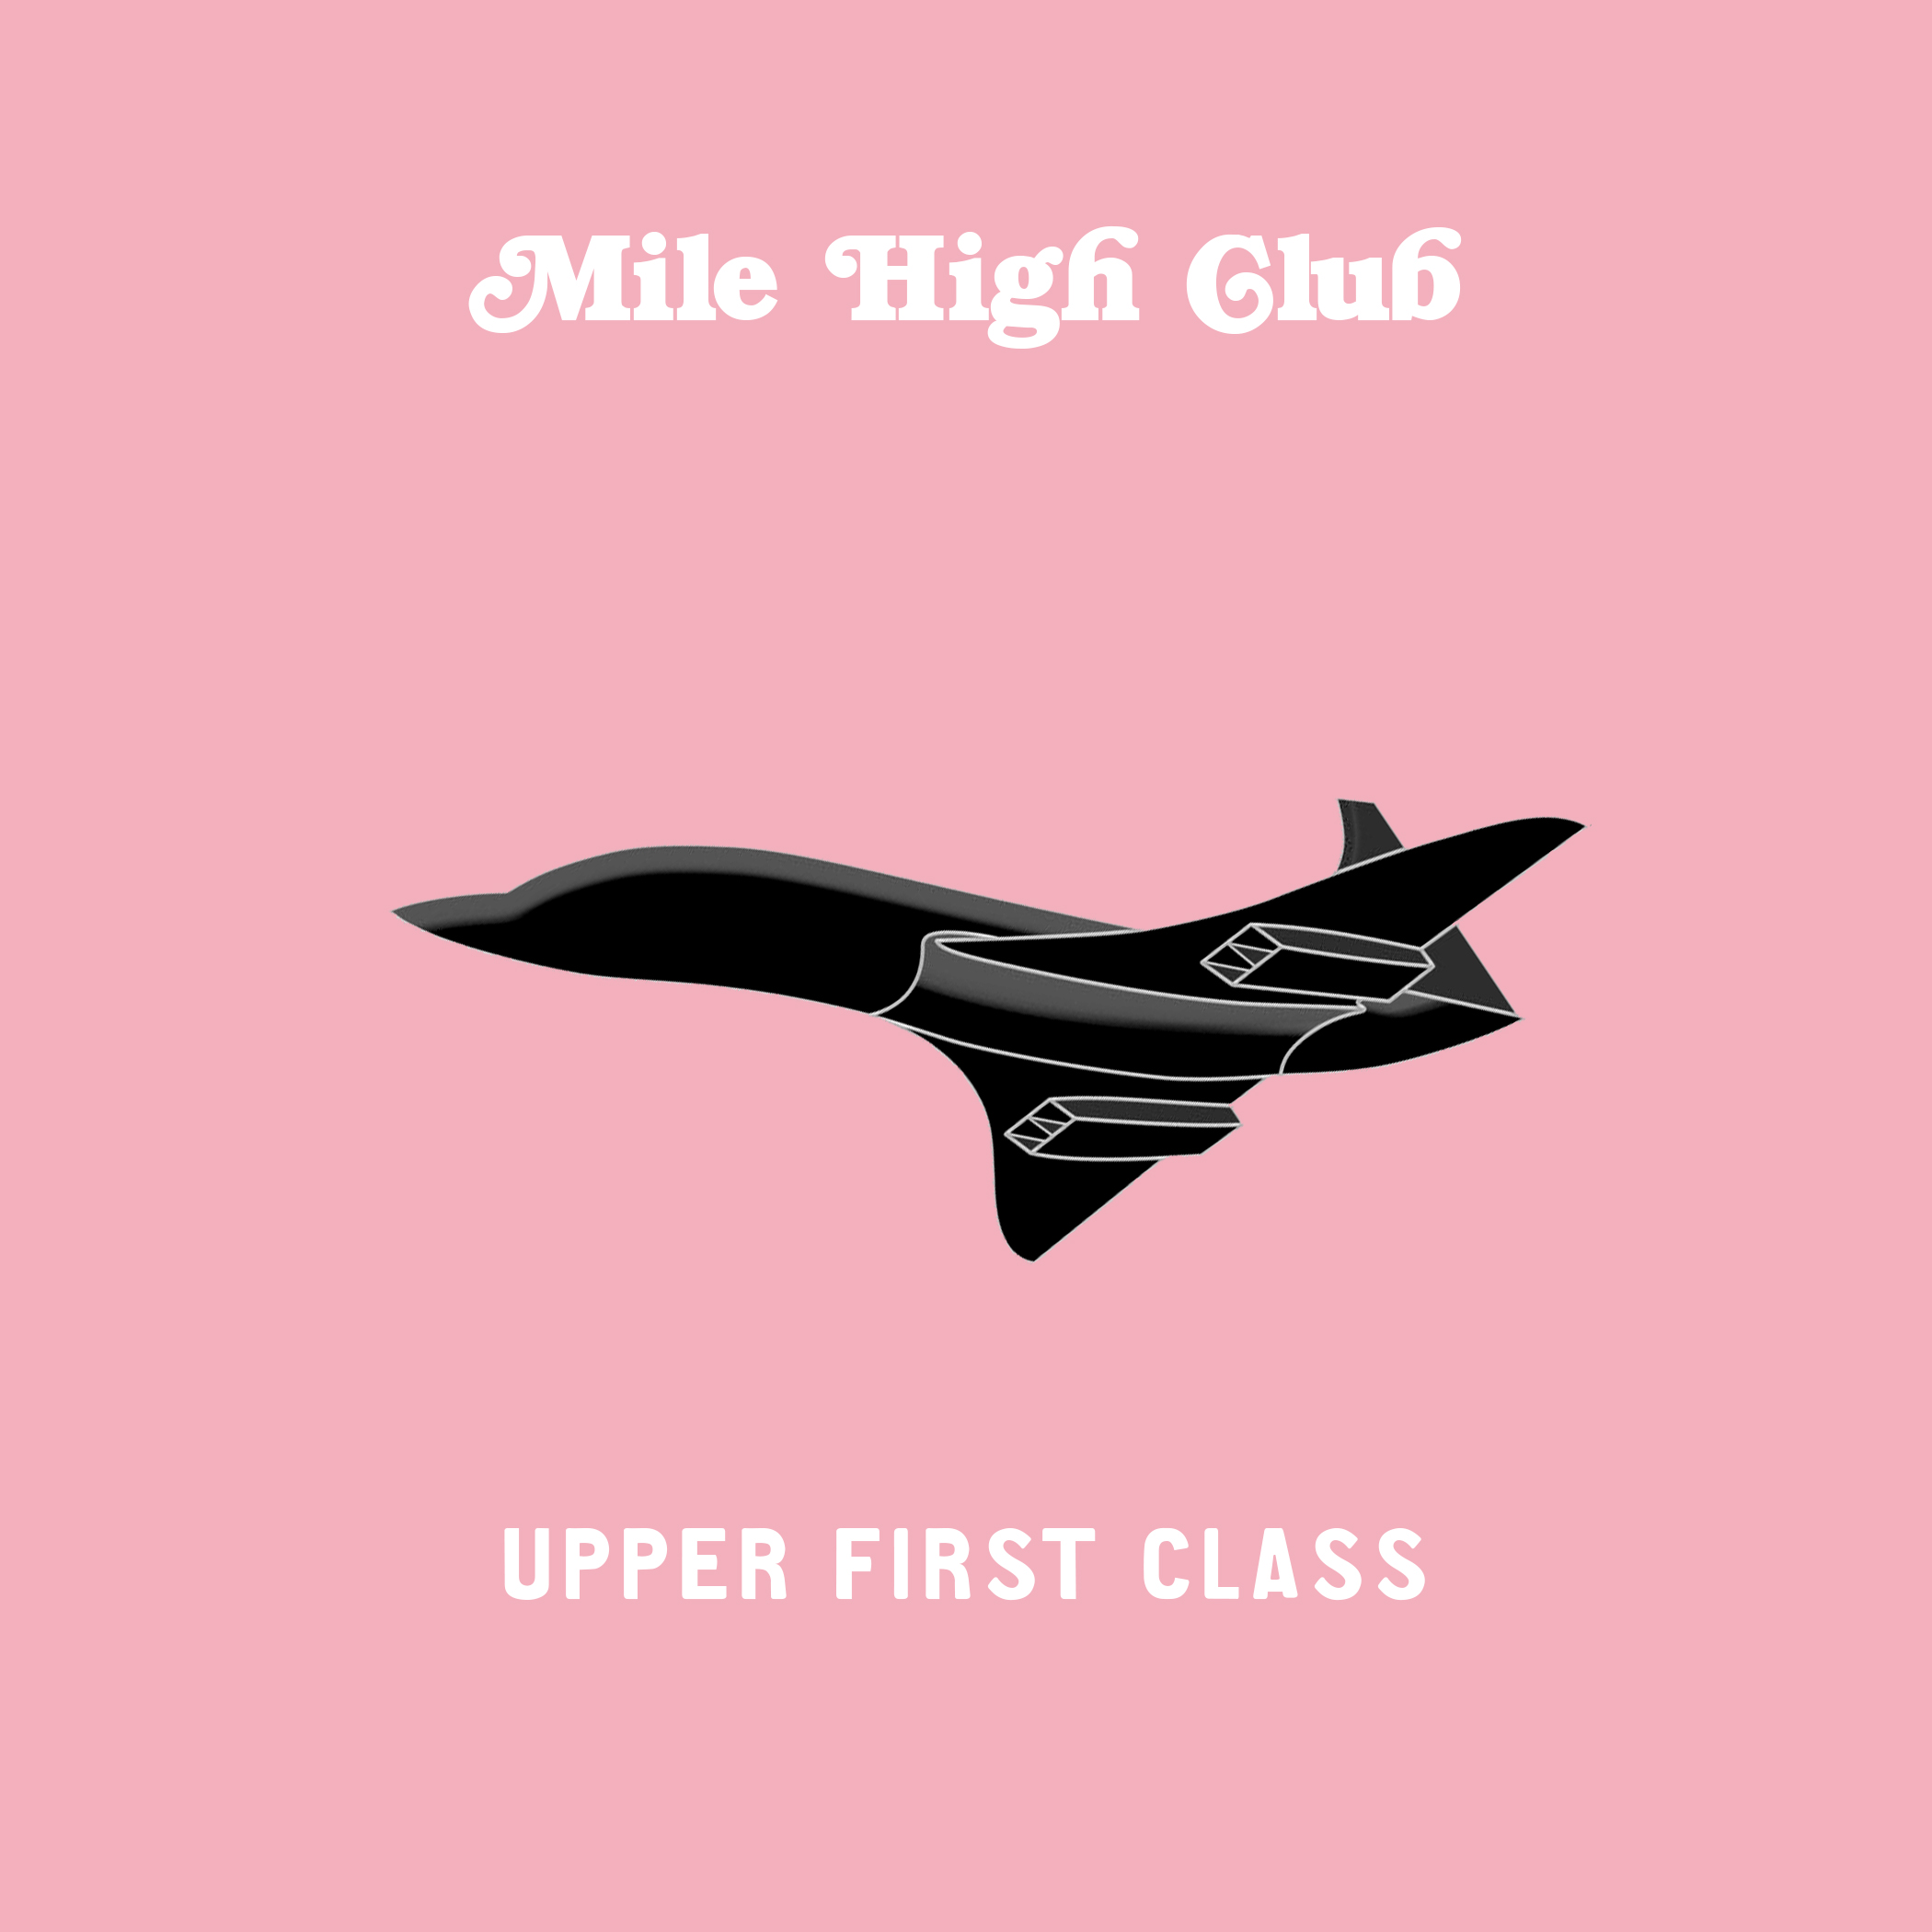 upper first class.jpg